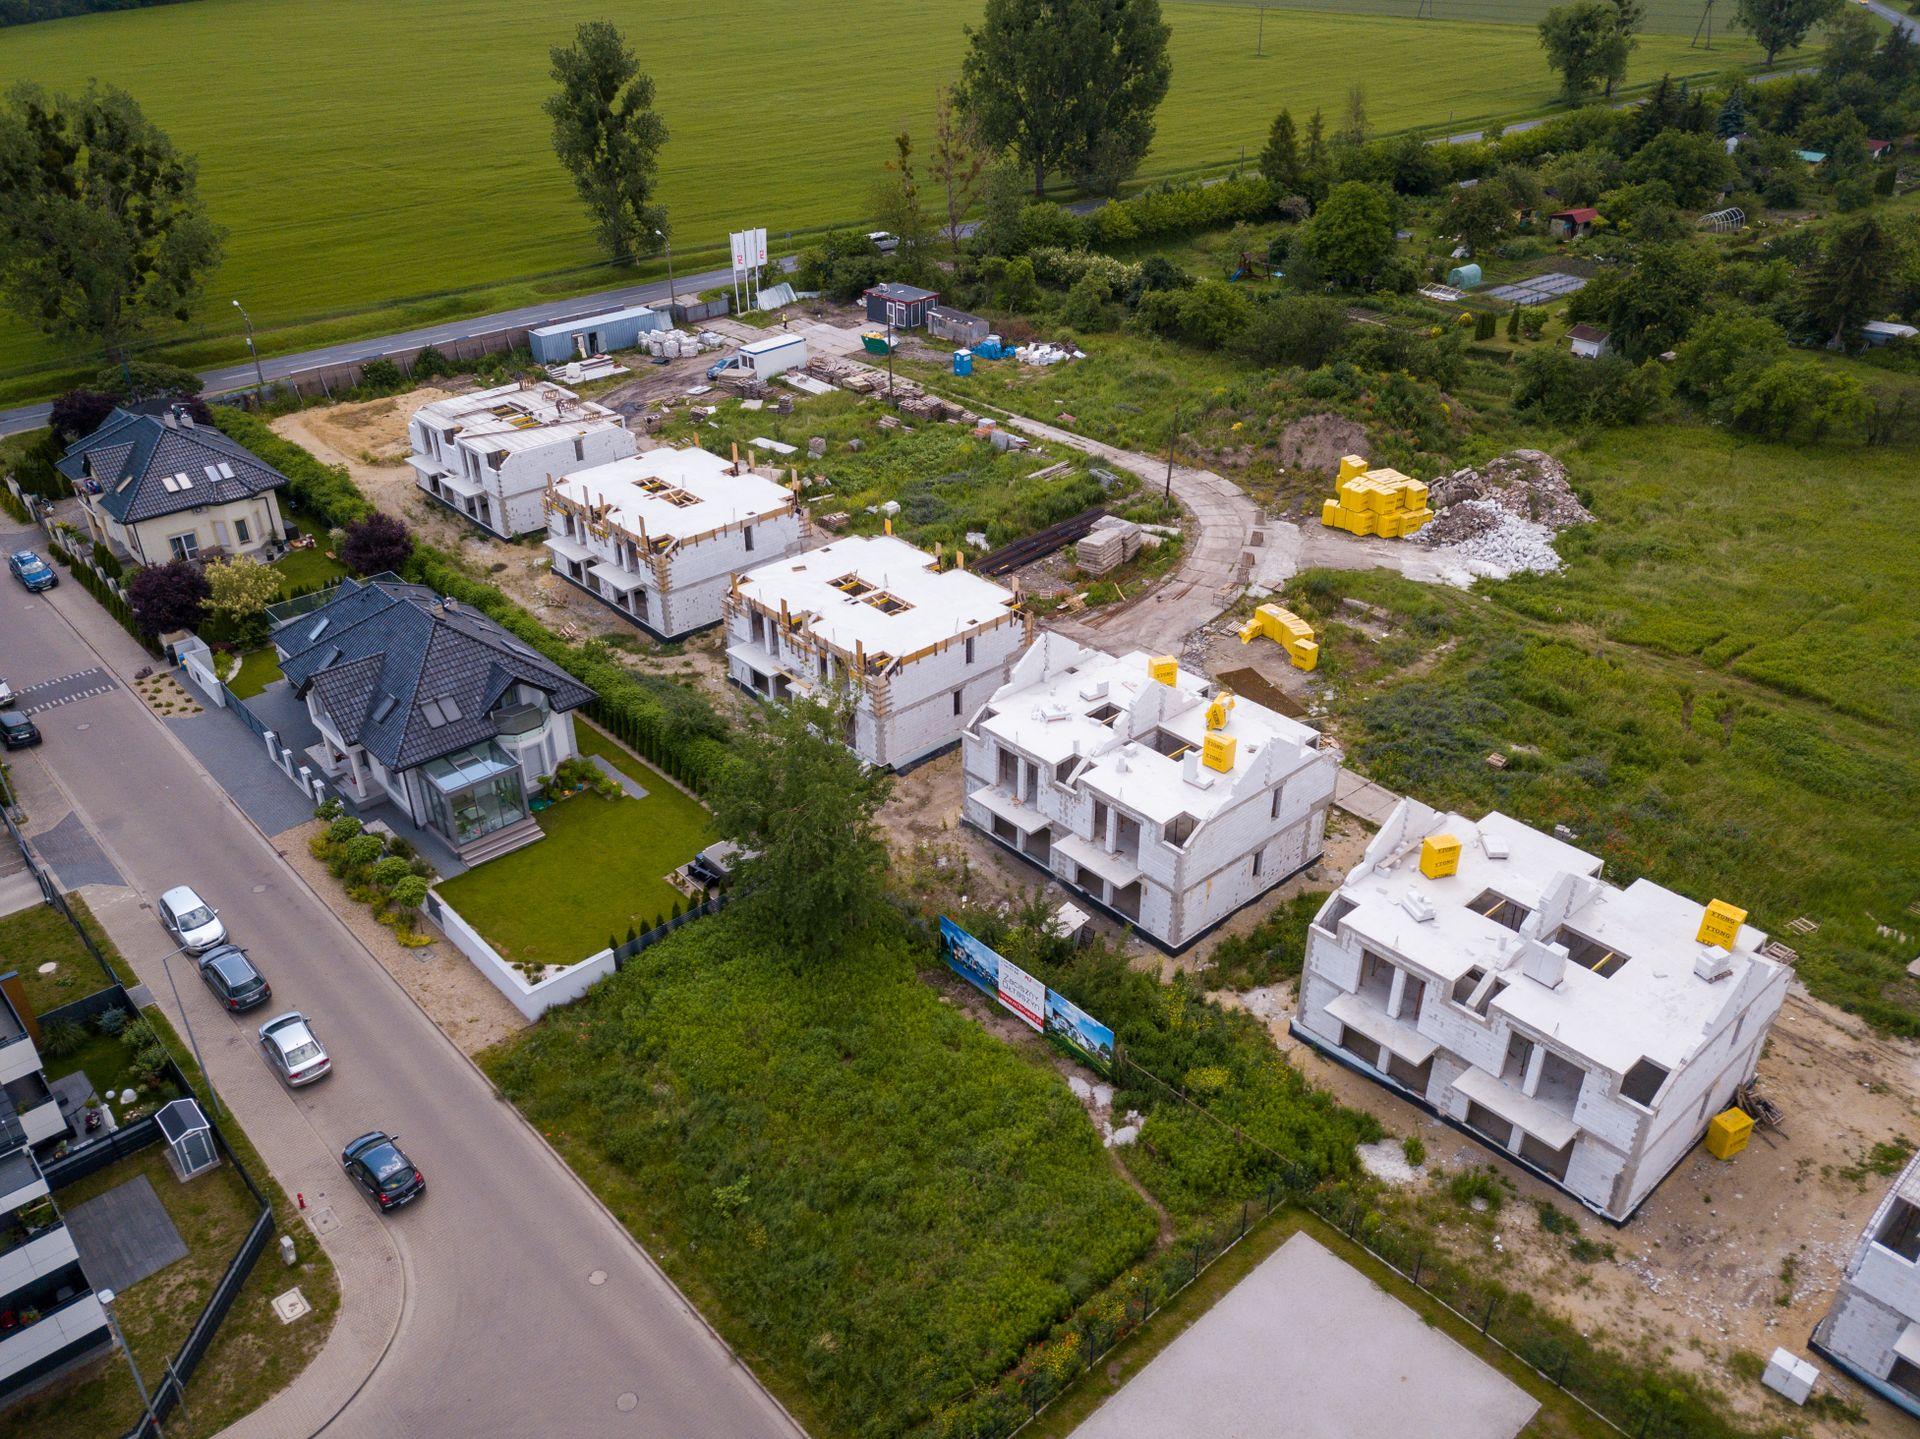 Wrocław: Zaciszny Ołtaszyn – osiedle luksusowych domów od M3 Invest nabiera kształtów [FILM]